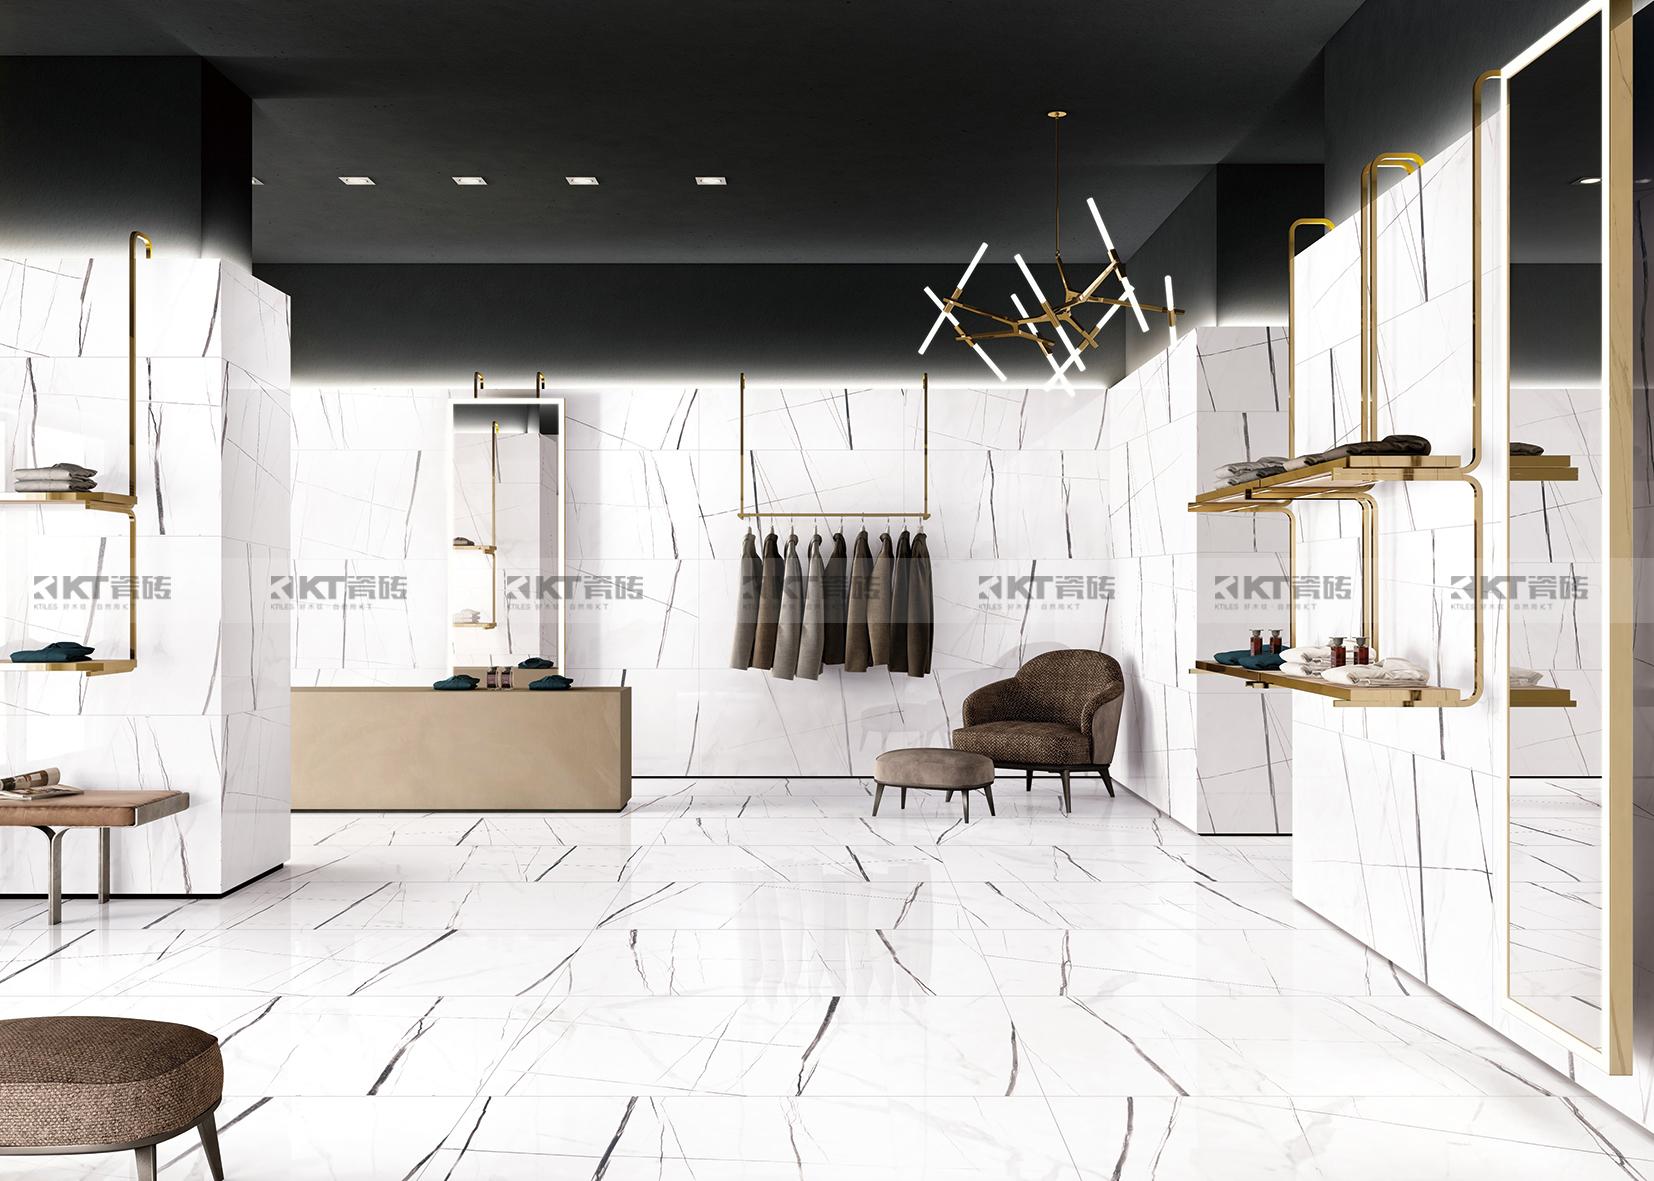 白色调的瓷砖,纯粹简约生活态度!